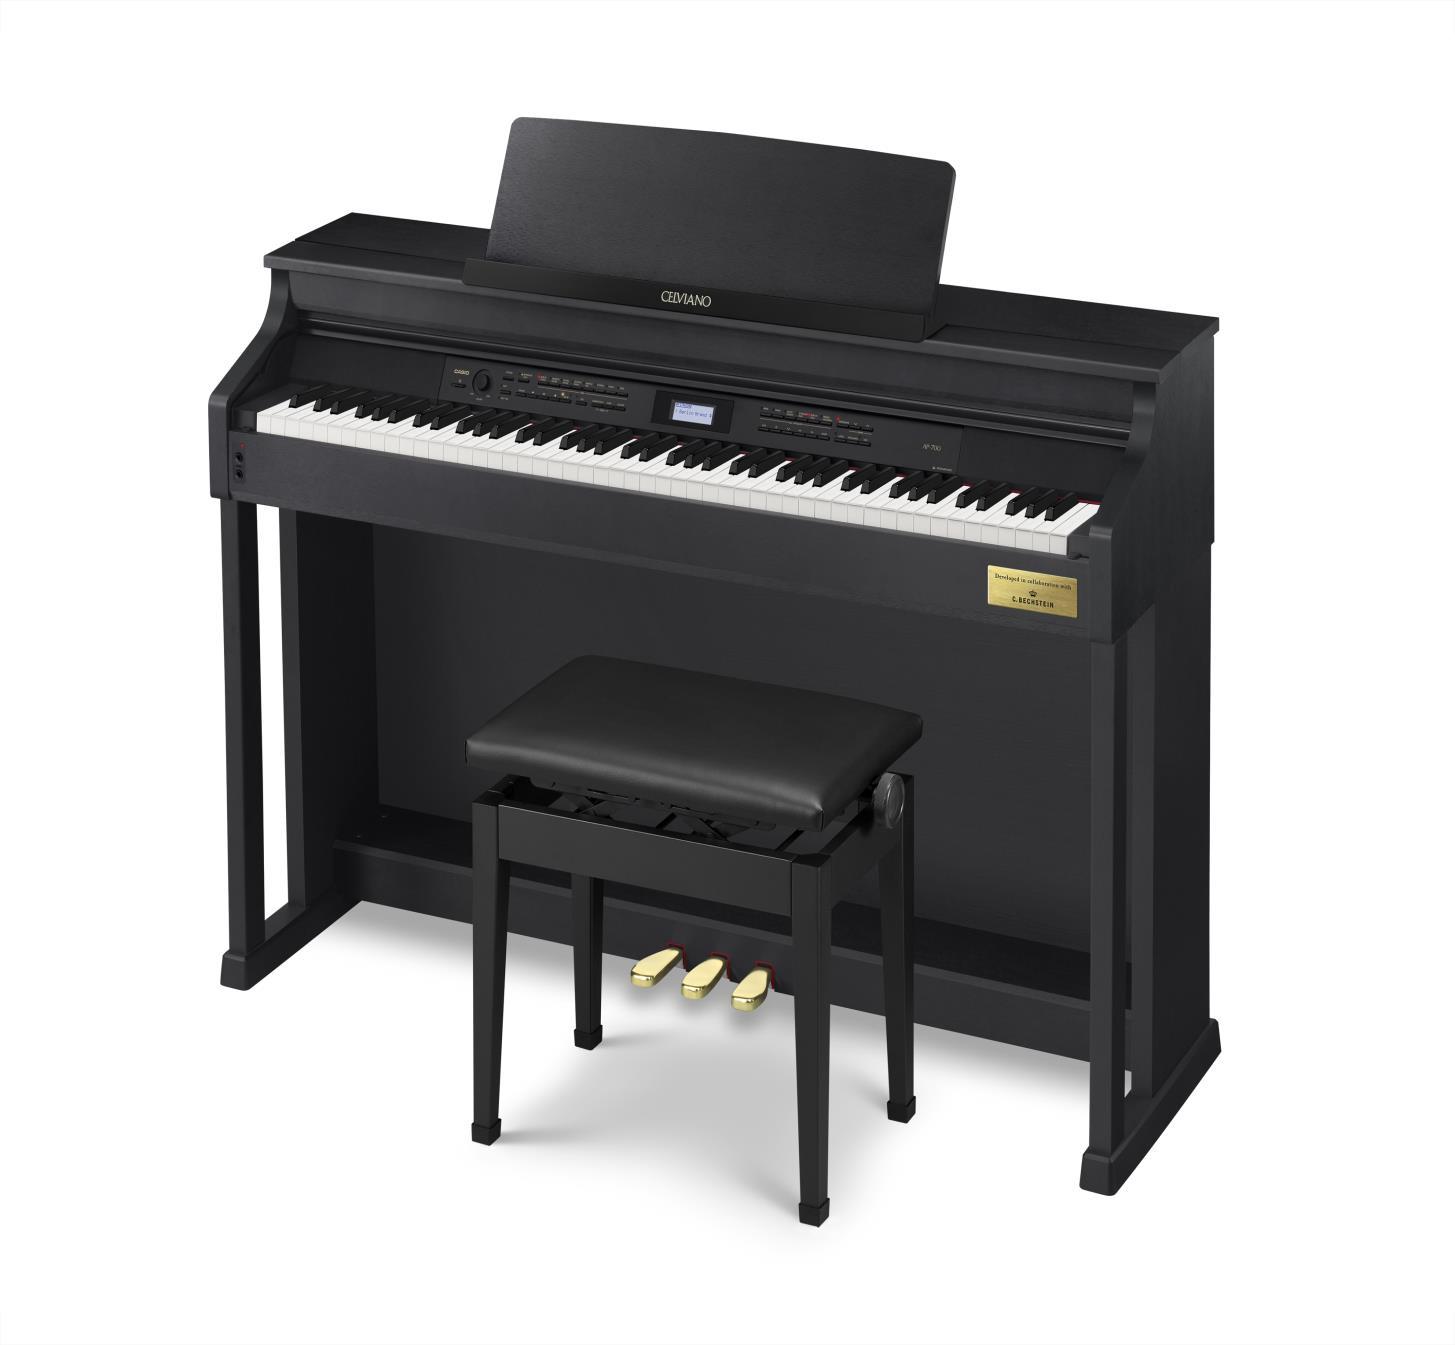 Đàn Piano Casio AP-700 với hệ thống phím cho cảm giác tự nhiên gần như của một cây grand piano có độ nhạy phím giúp truyền tải tư tưởng của người chơi vào tiếng đàn.